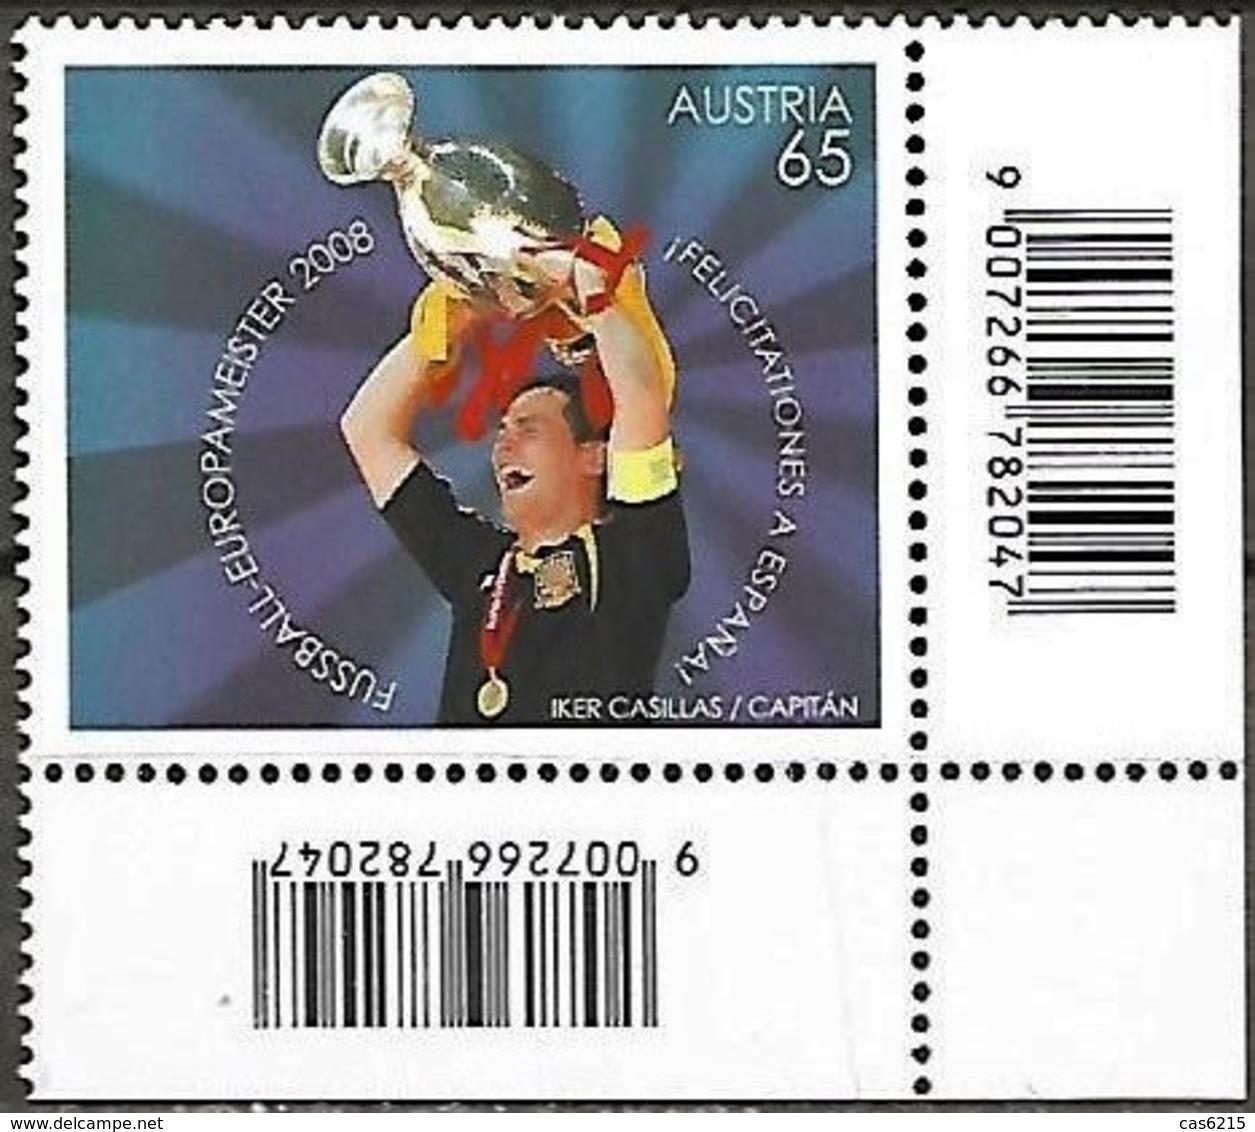 Autriche Austria Österreich 2008 UEFA EURO Le Football Espagne Joueur Casillas Coupe, 1 Val  Mnh - Fußball-Europameisterschaft (UEFA)